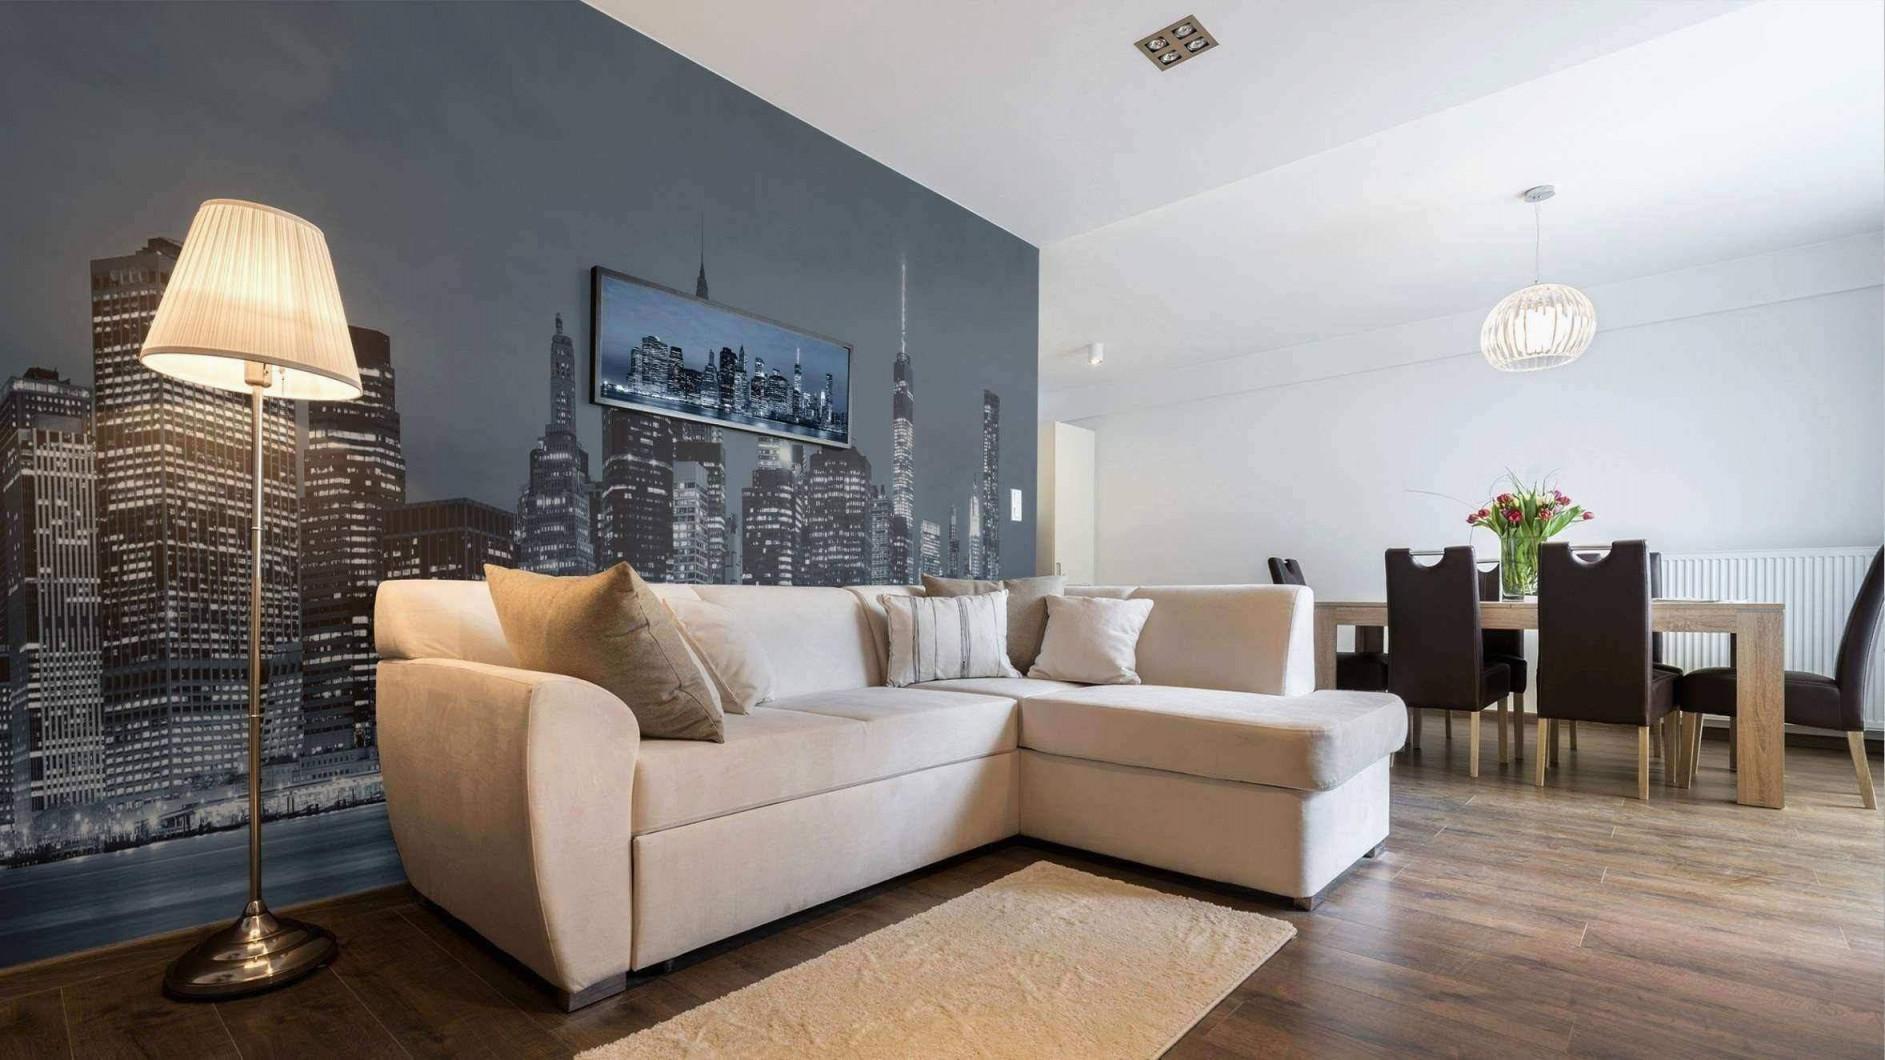 Großes Wohnzimmer Einrichten Elegant Genial Weißes von Großes Wohnzimmer Modern Einrichten Photo